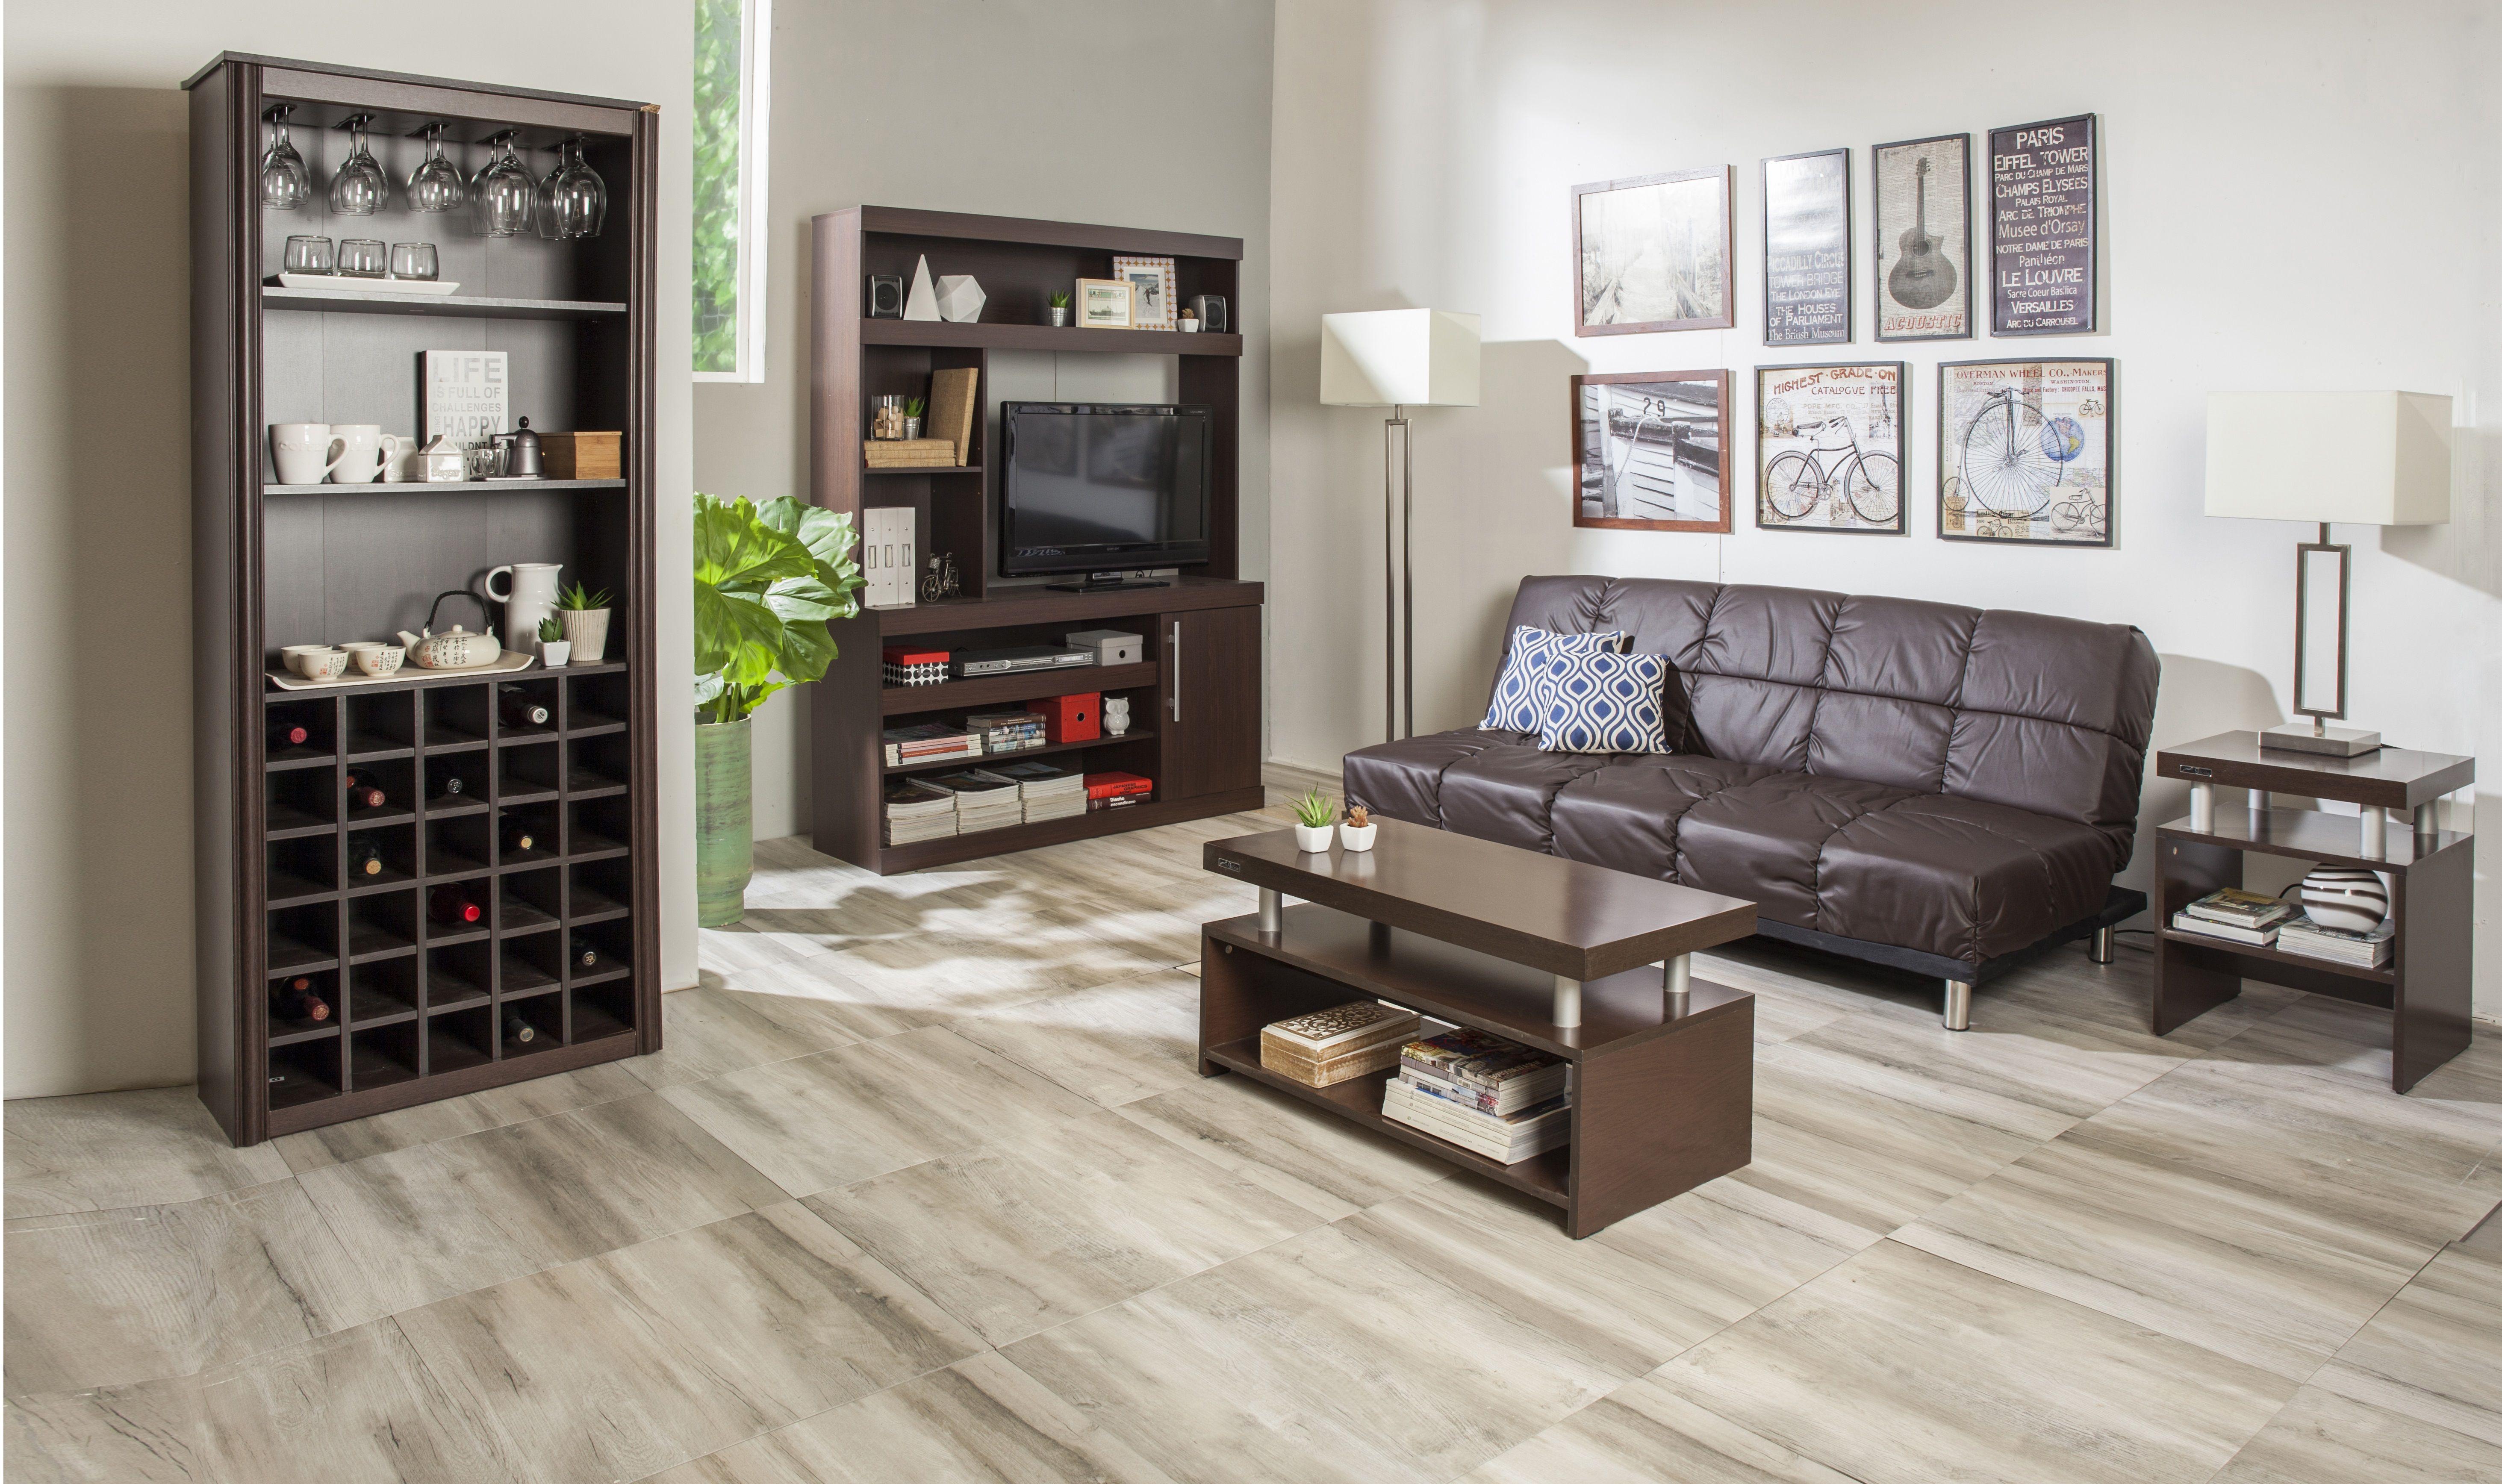 El confort y la elegancia pr ctica para cada rinc n de tu hogar decoracion ideas - Confort y muebles ...